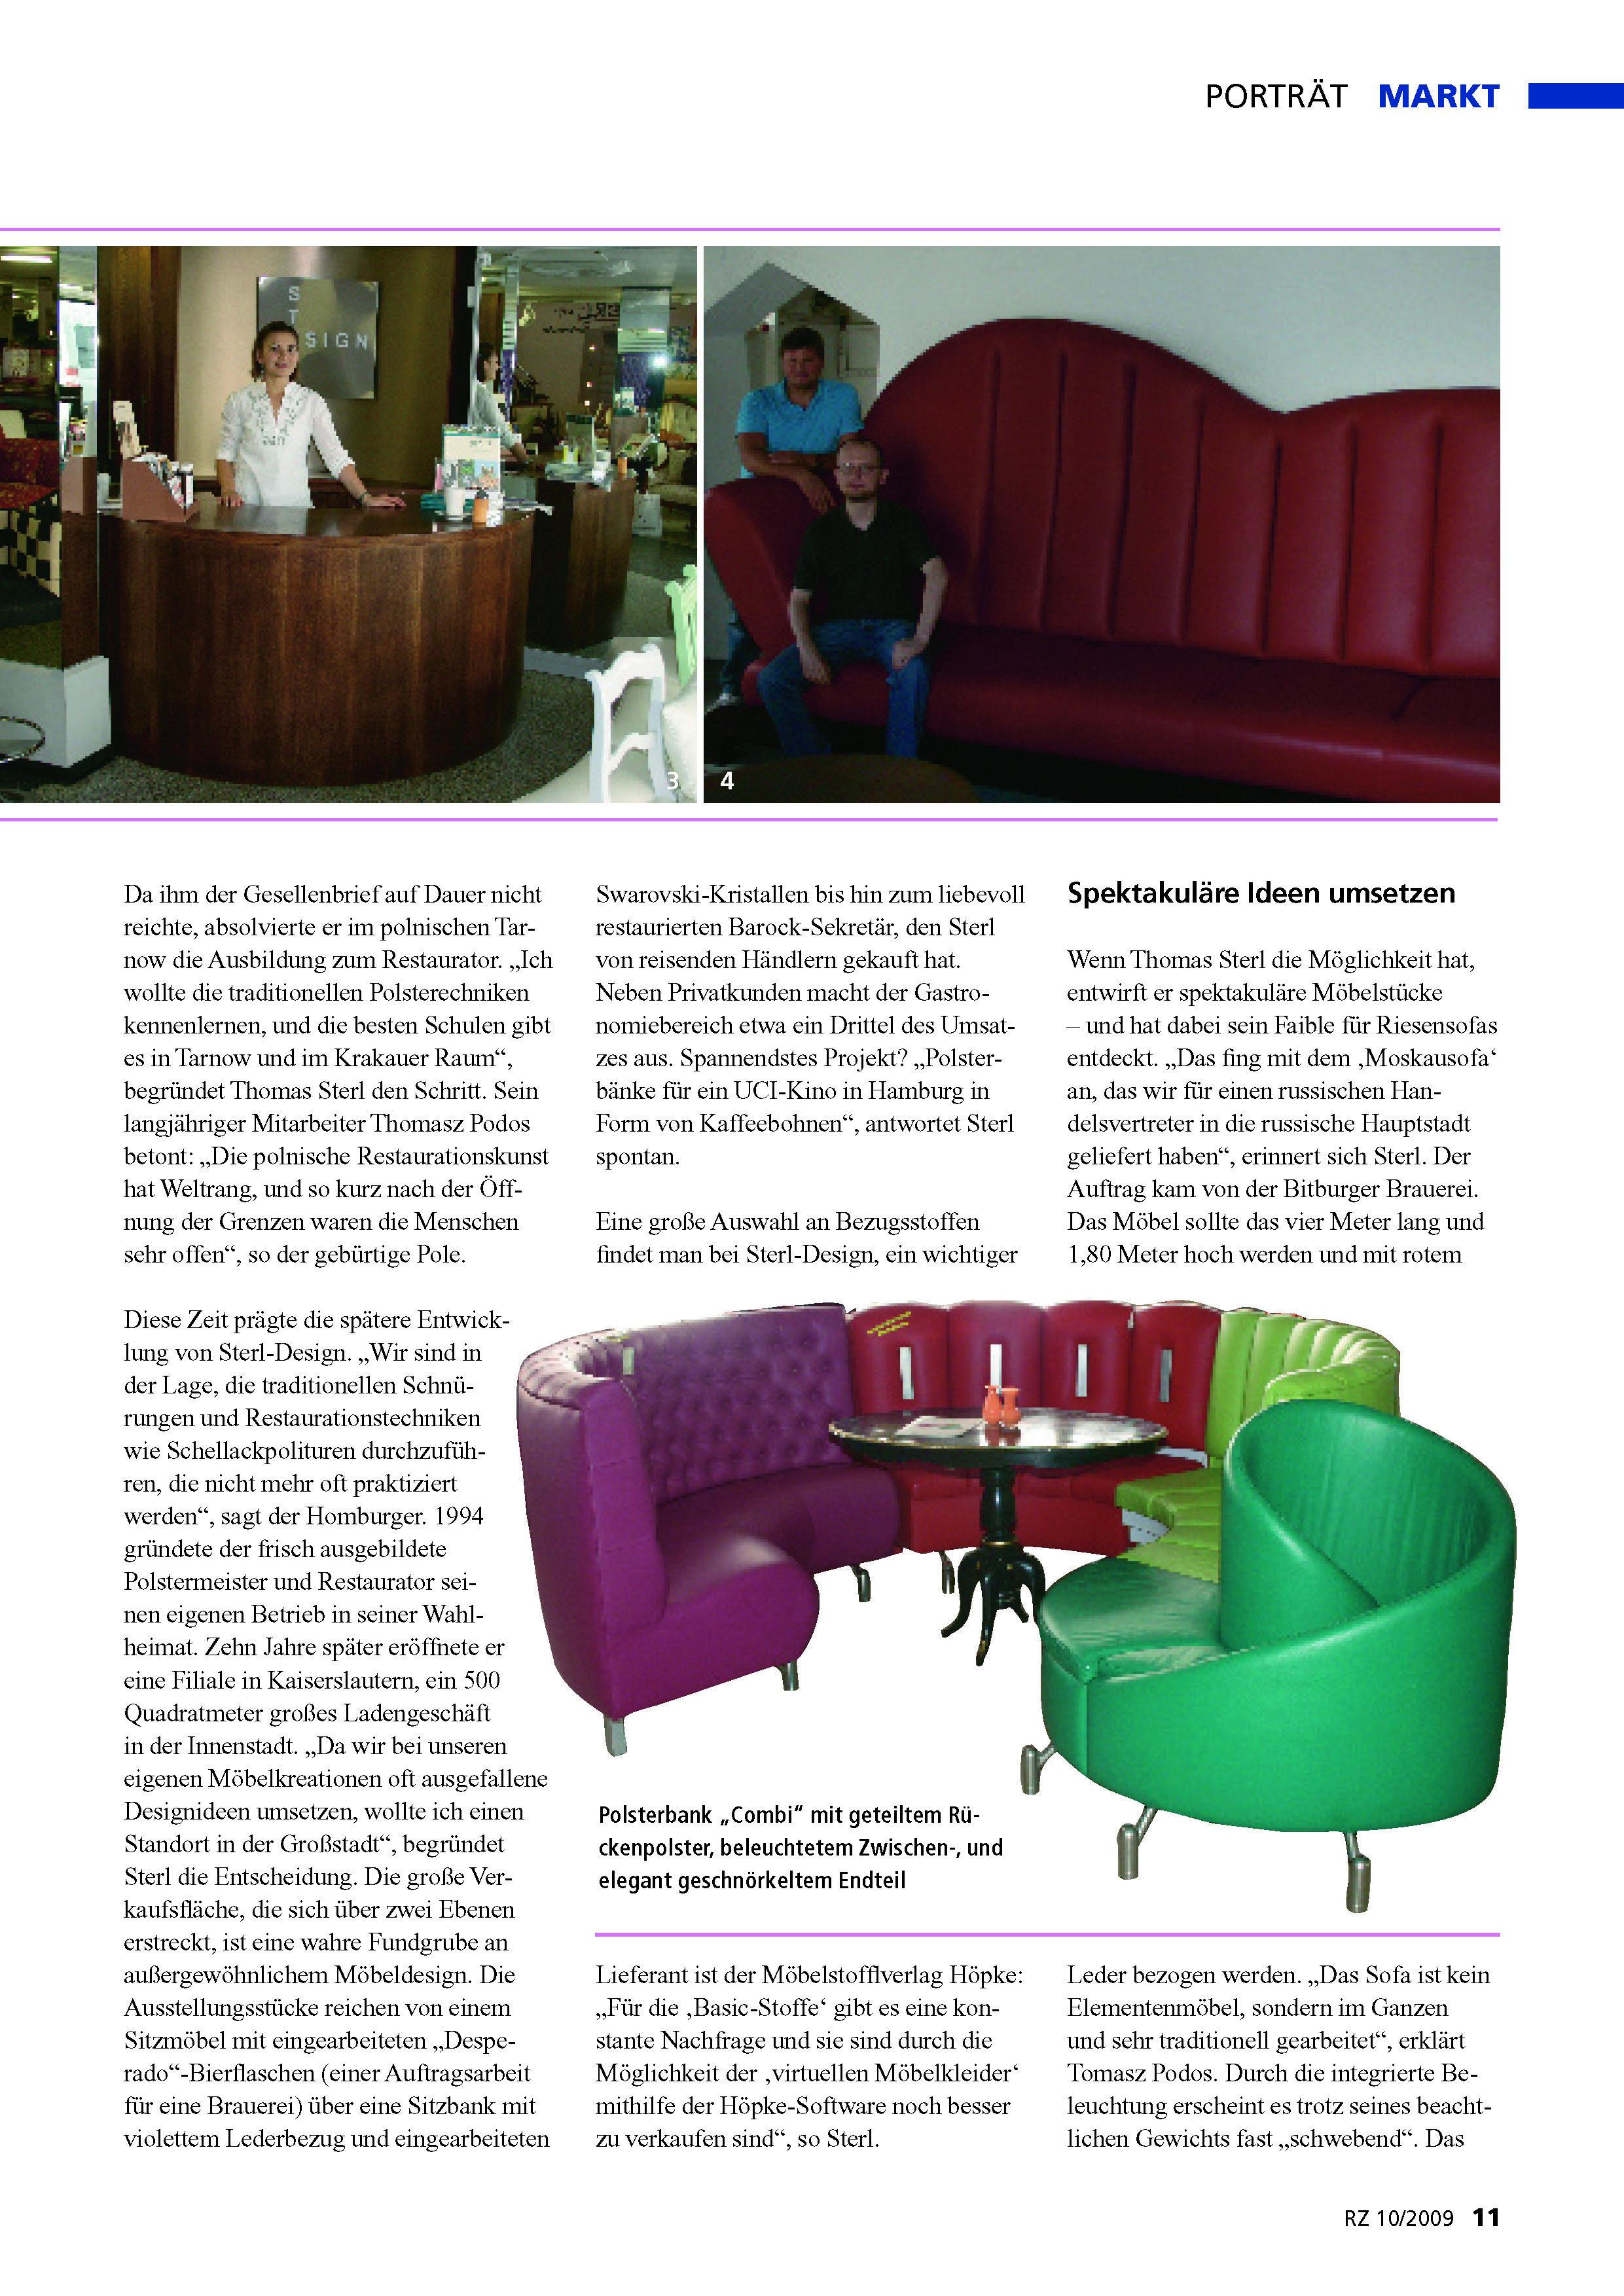 RZ Zeitung 09-2009  Sterl Design_Seite_2.jpg